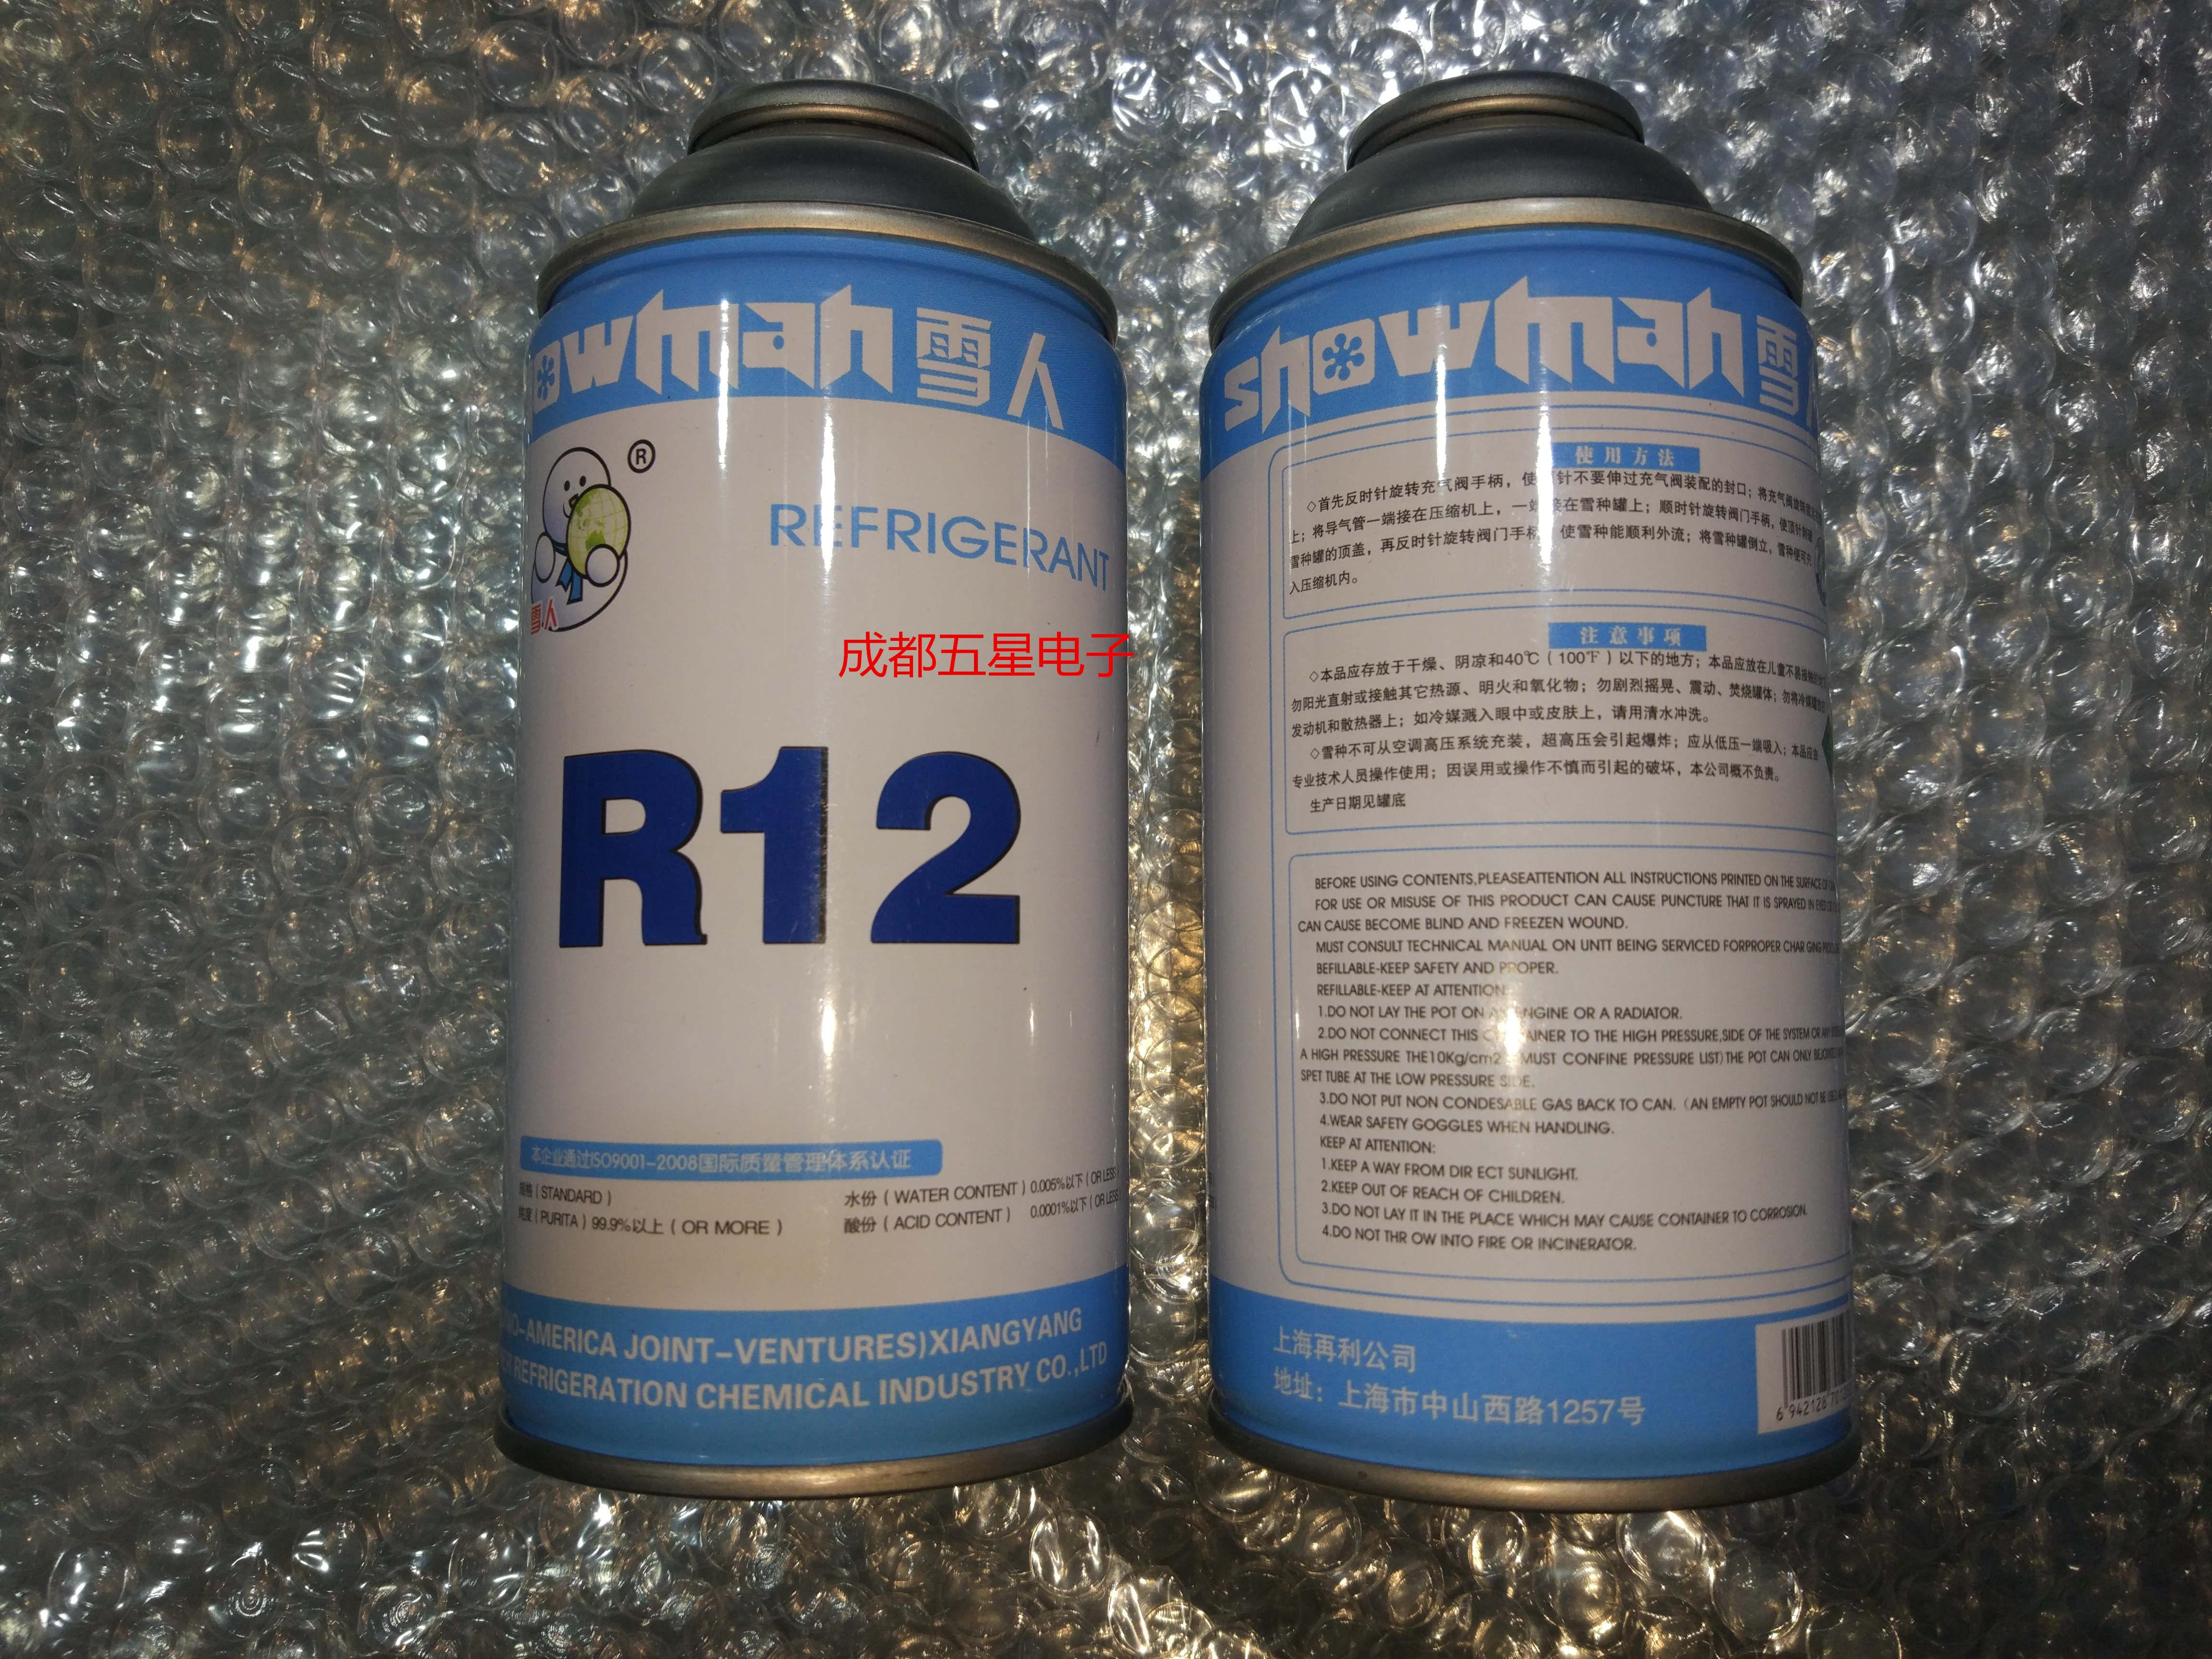 Снеговик R12 хладагент / хладагент / морозильник холодильника снег вида / фреон 12/ ледовых видов / вес брутто - 300 граммов